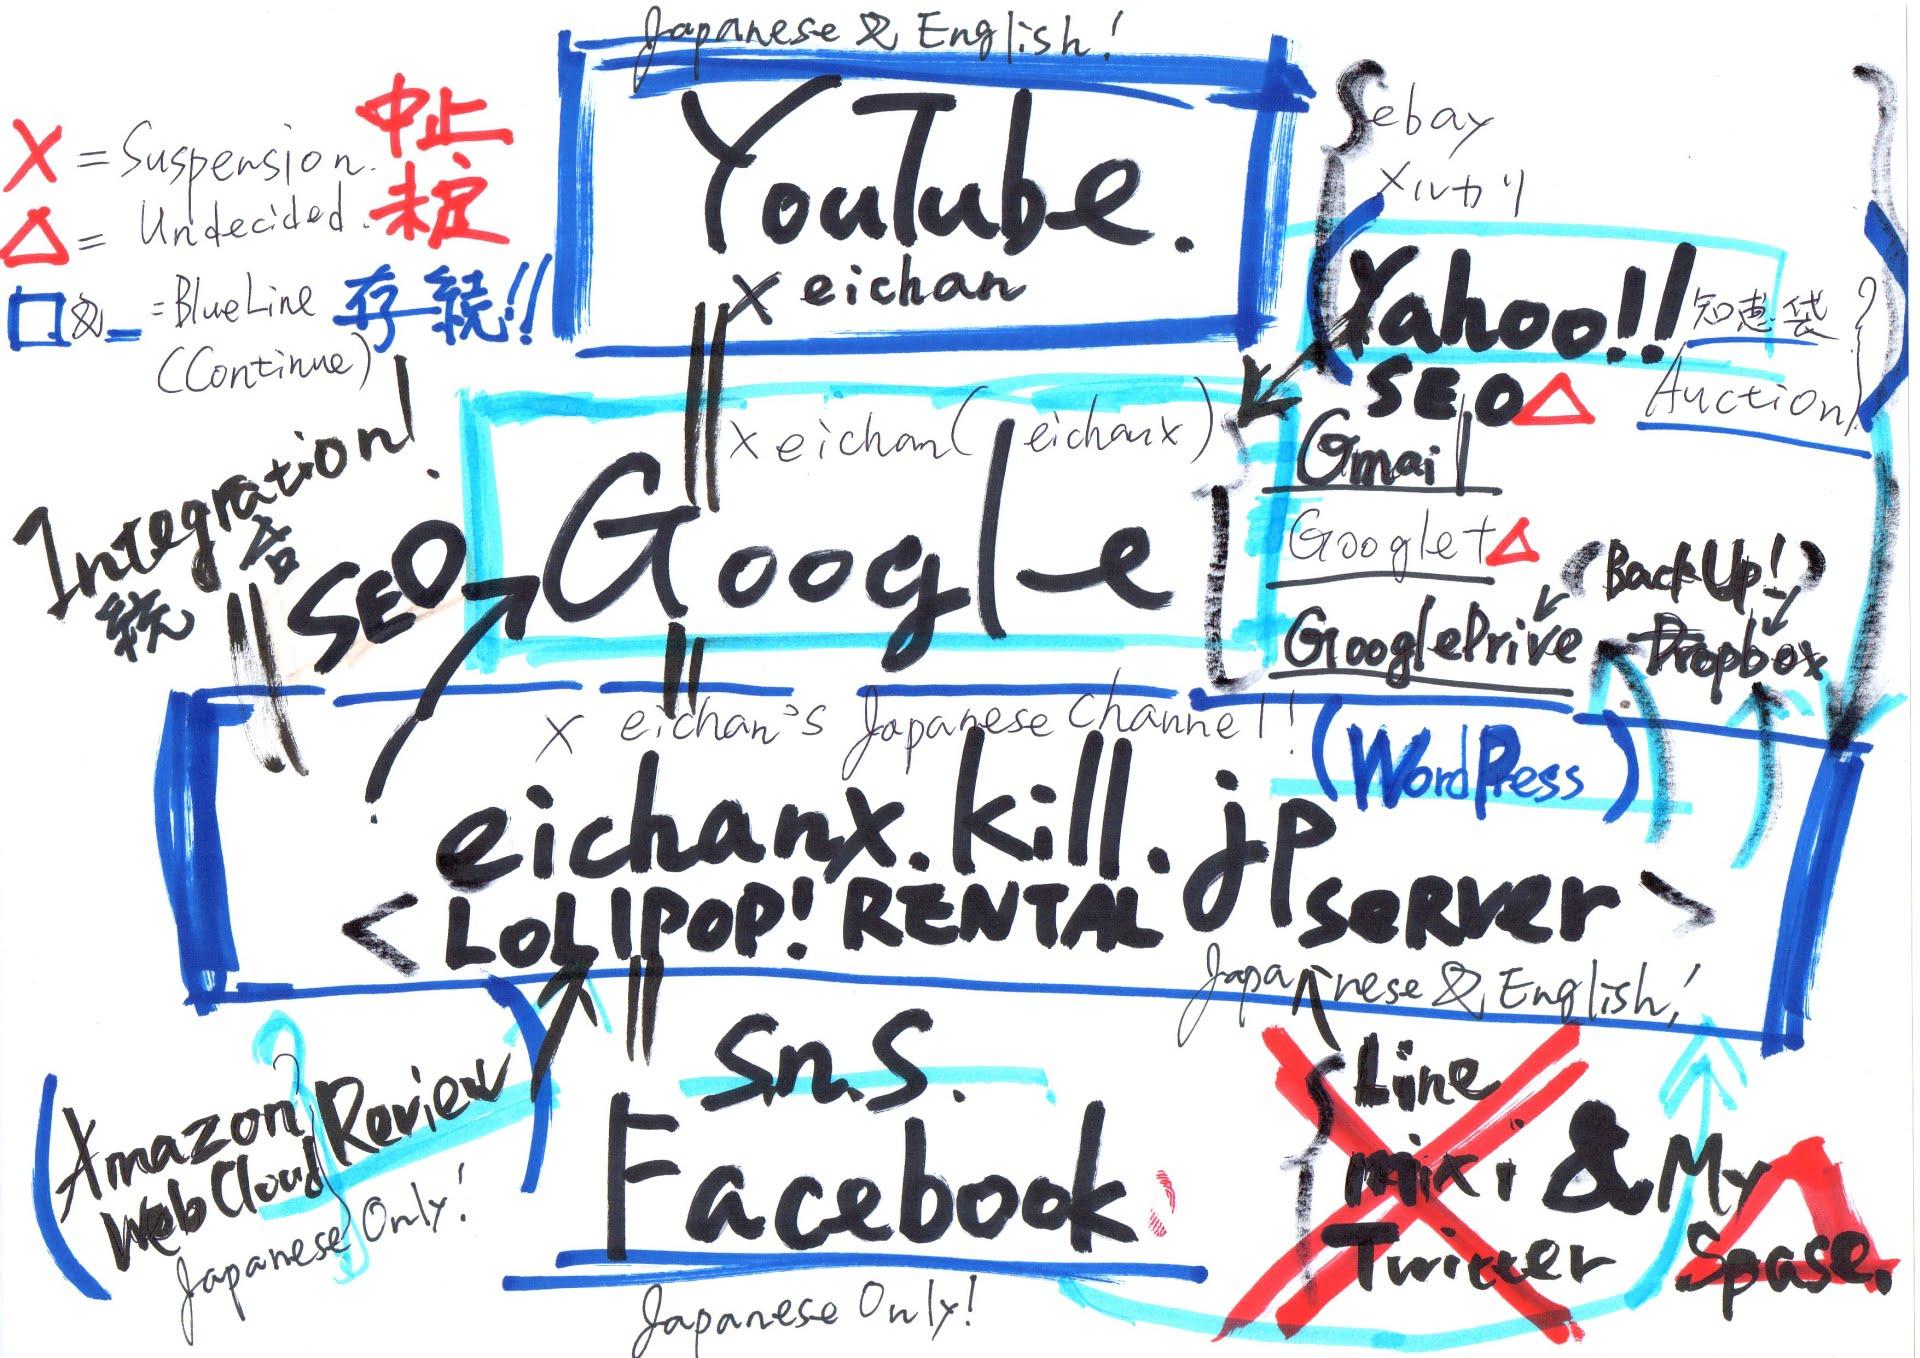 ウェブ・クラウド上での今後の展開と課題イメージ(Development and problem on web Cloud in the future)